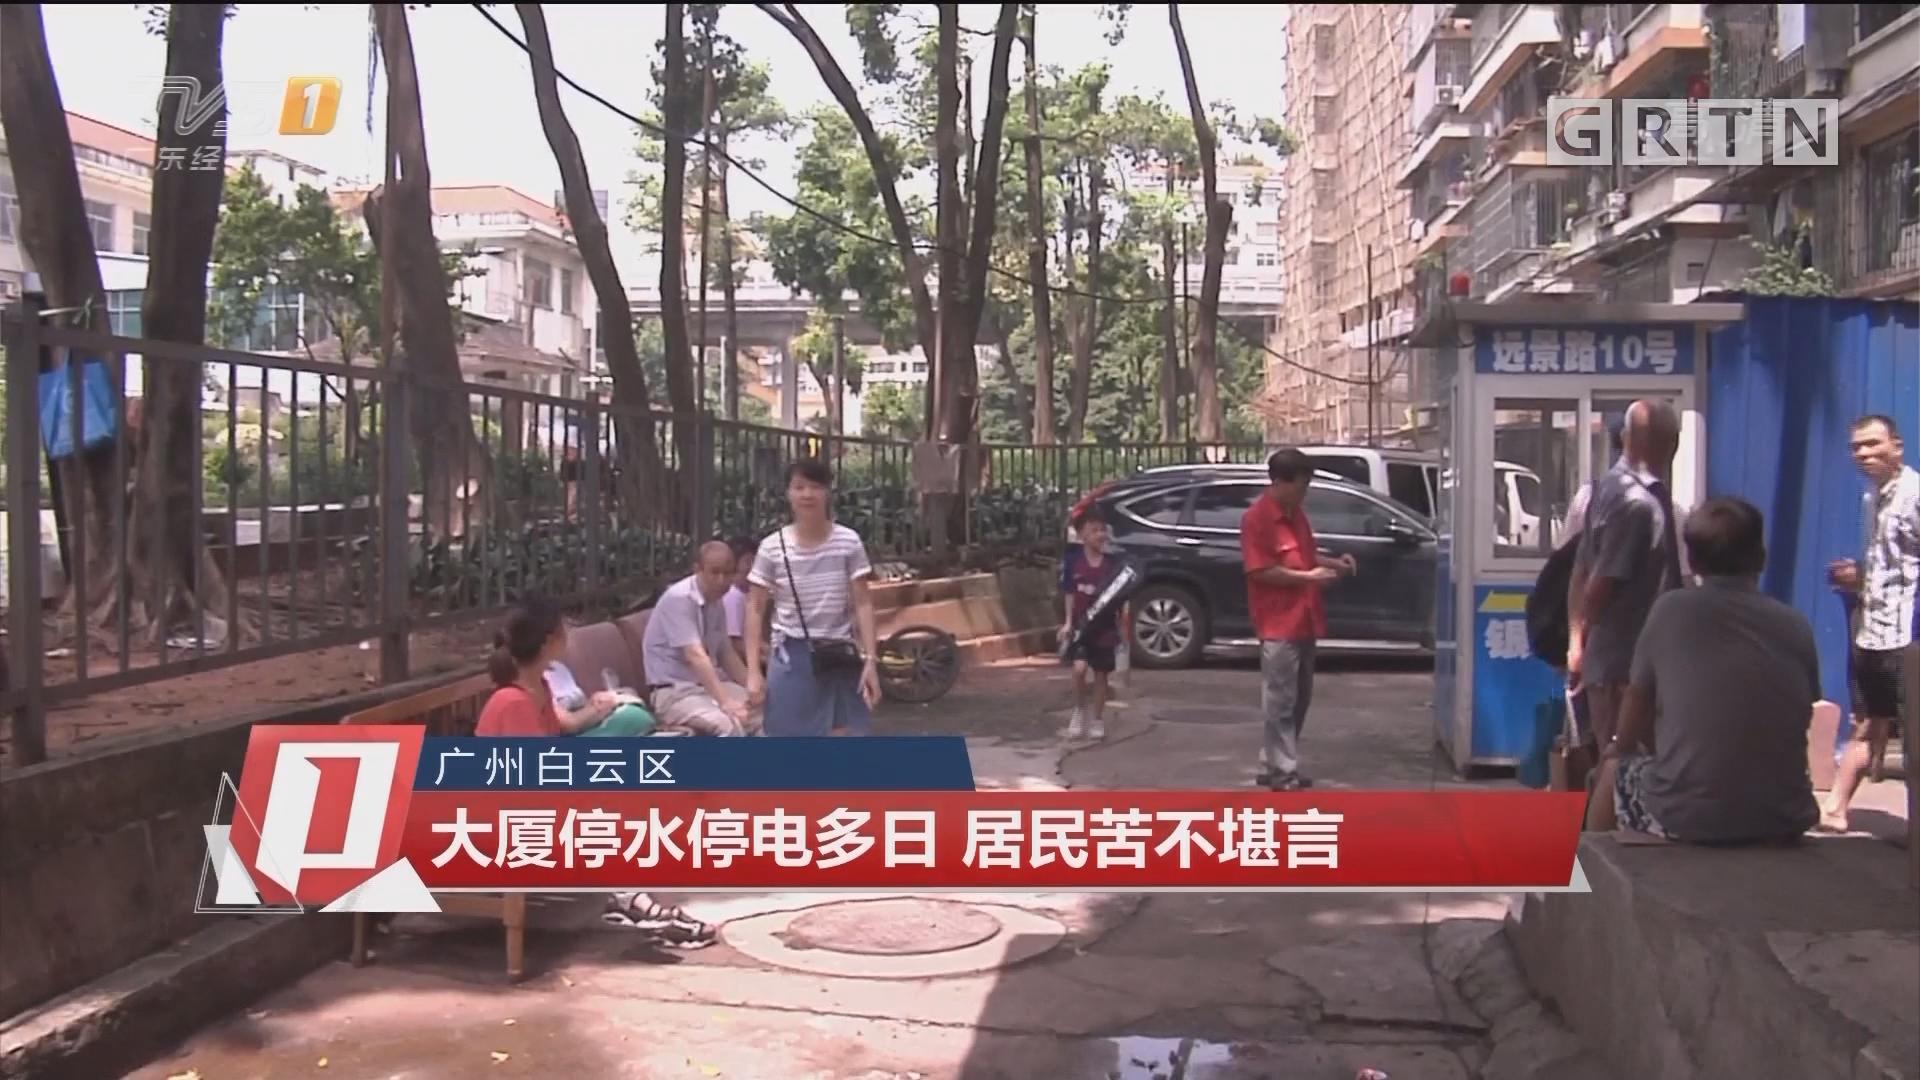 广州白云区:大厦停水停电多日 居民苦不堪言